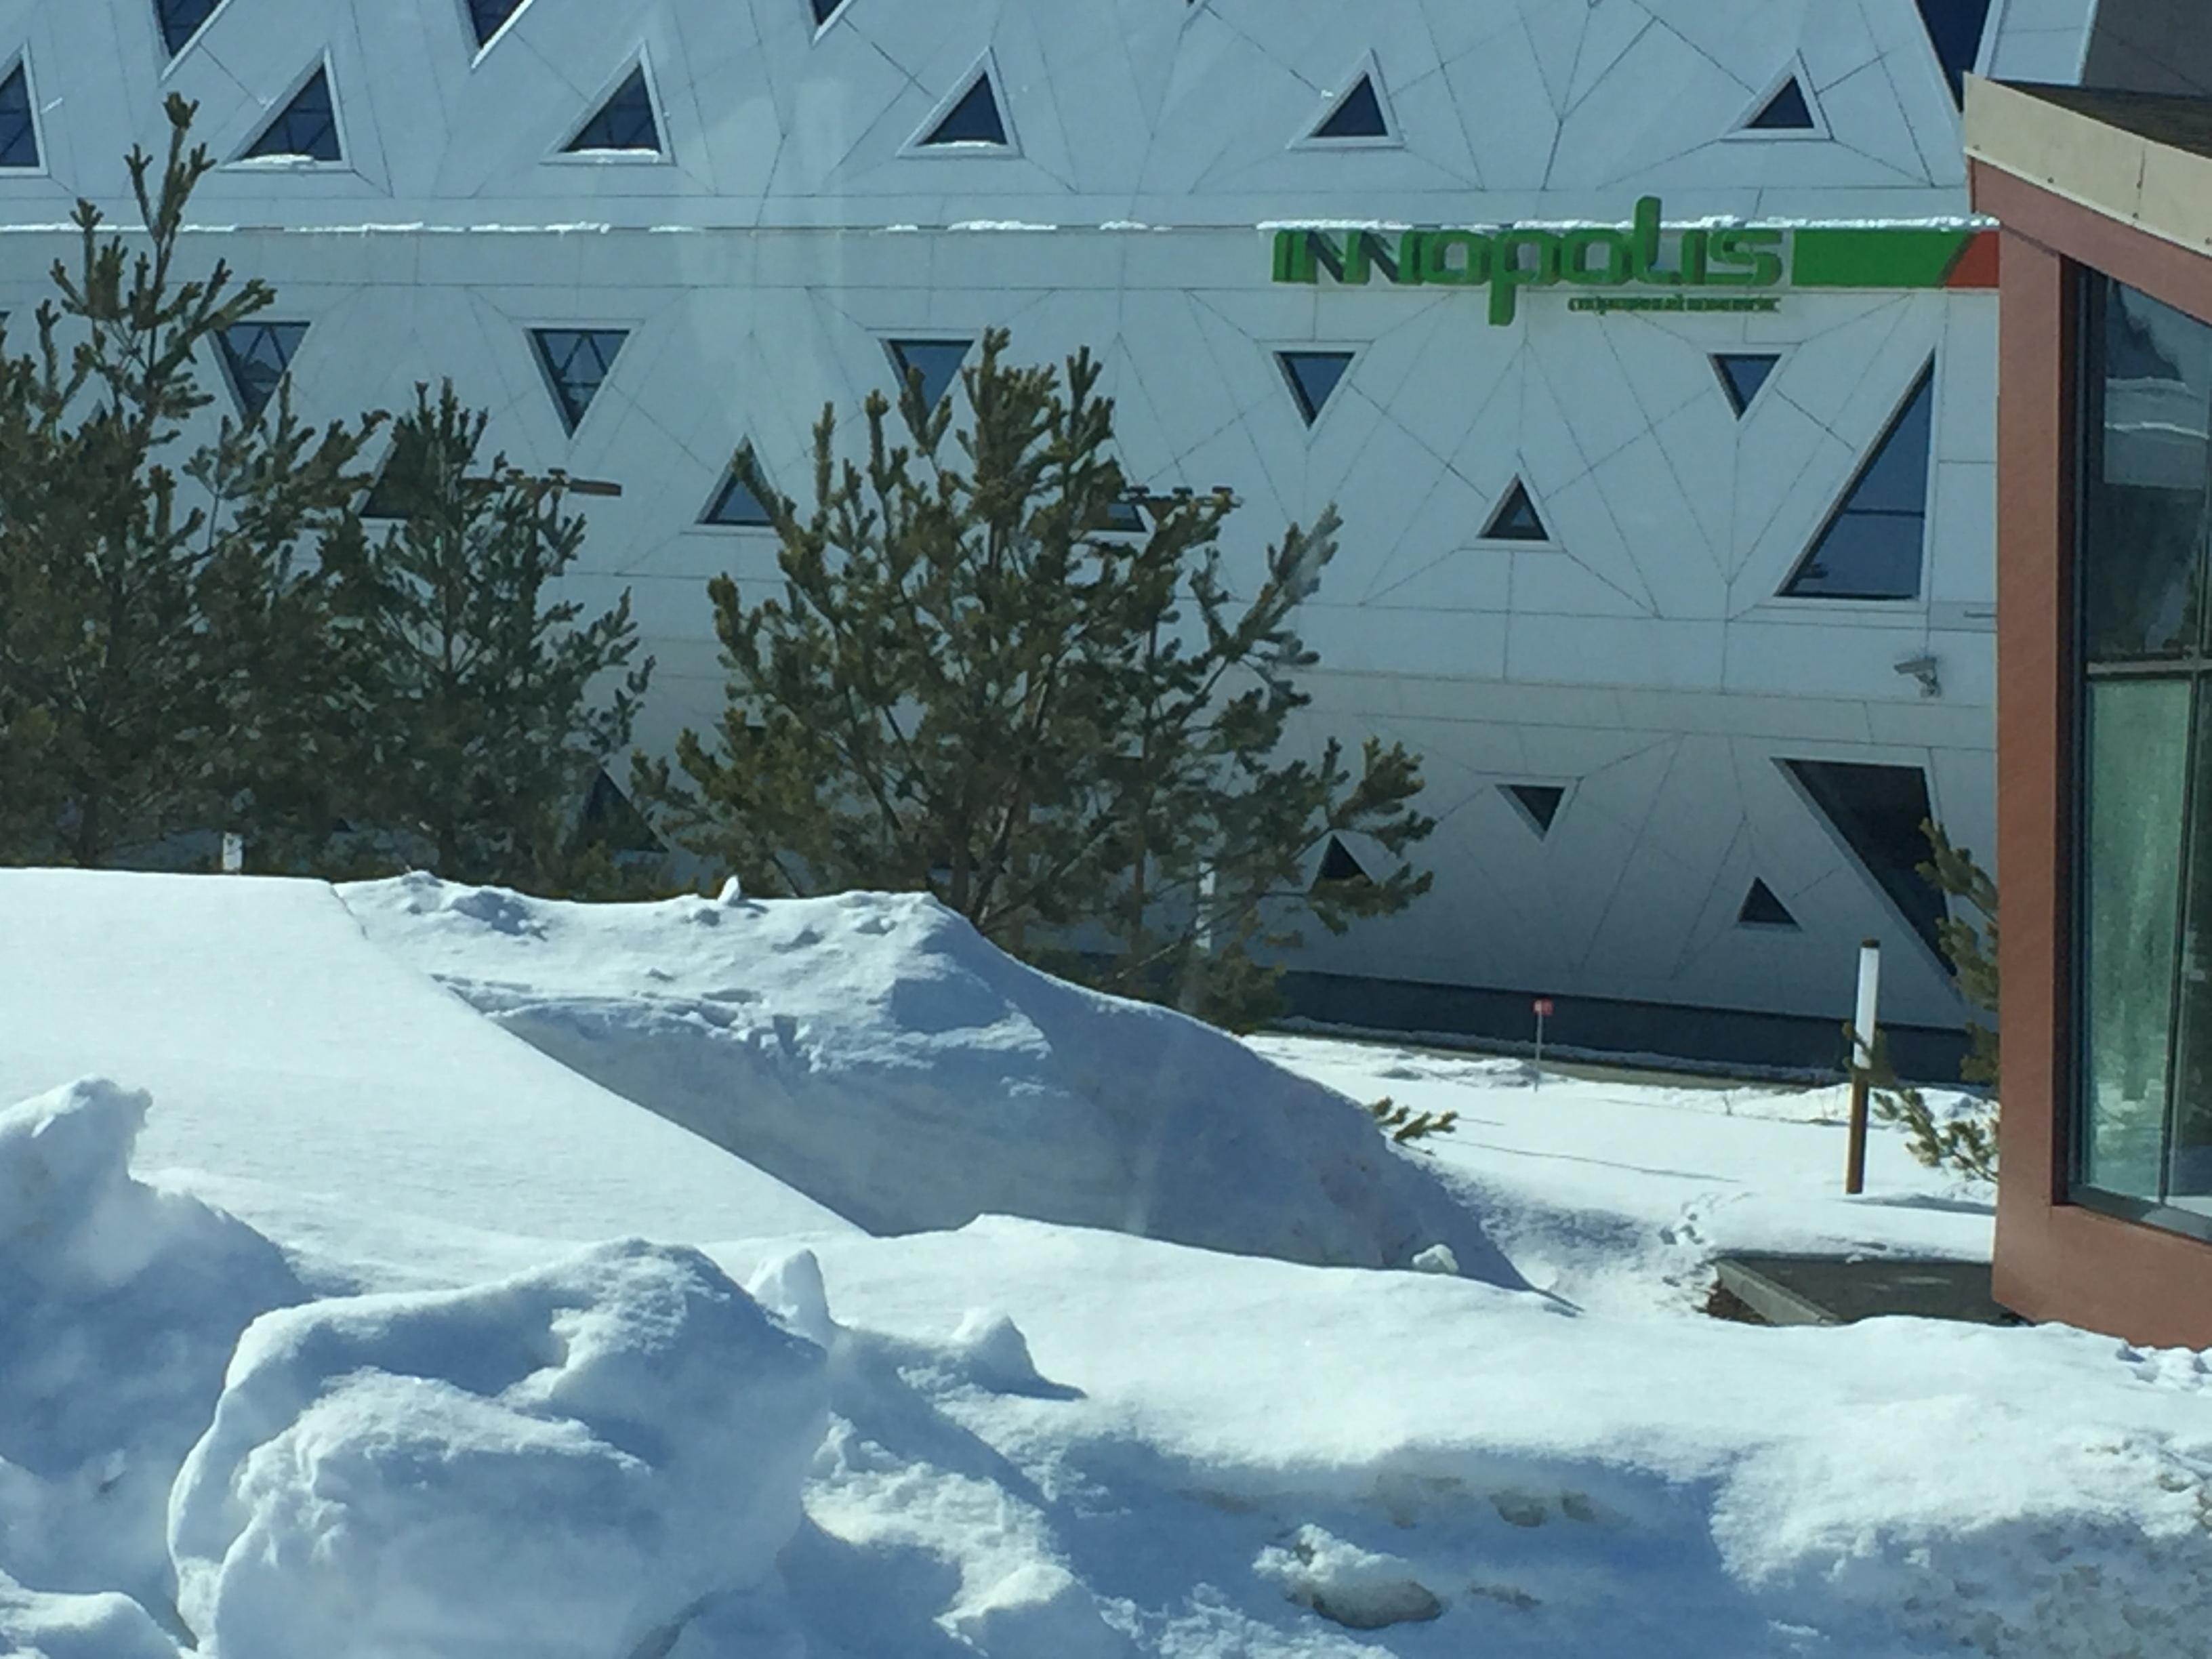 Спорткомплекс в Иннополис